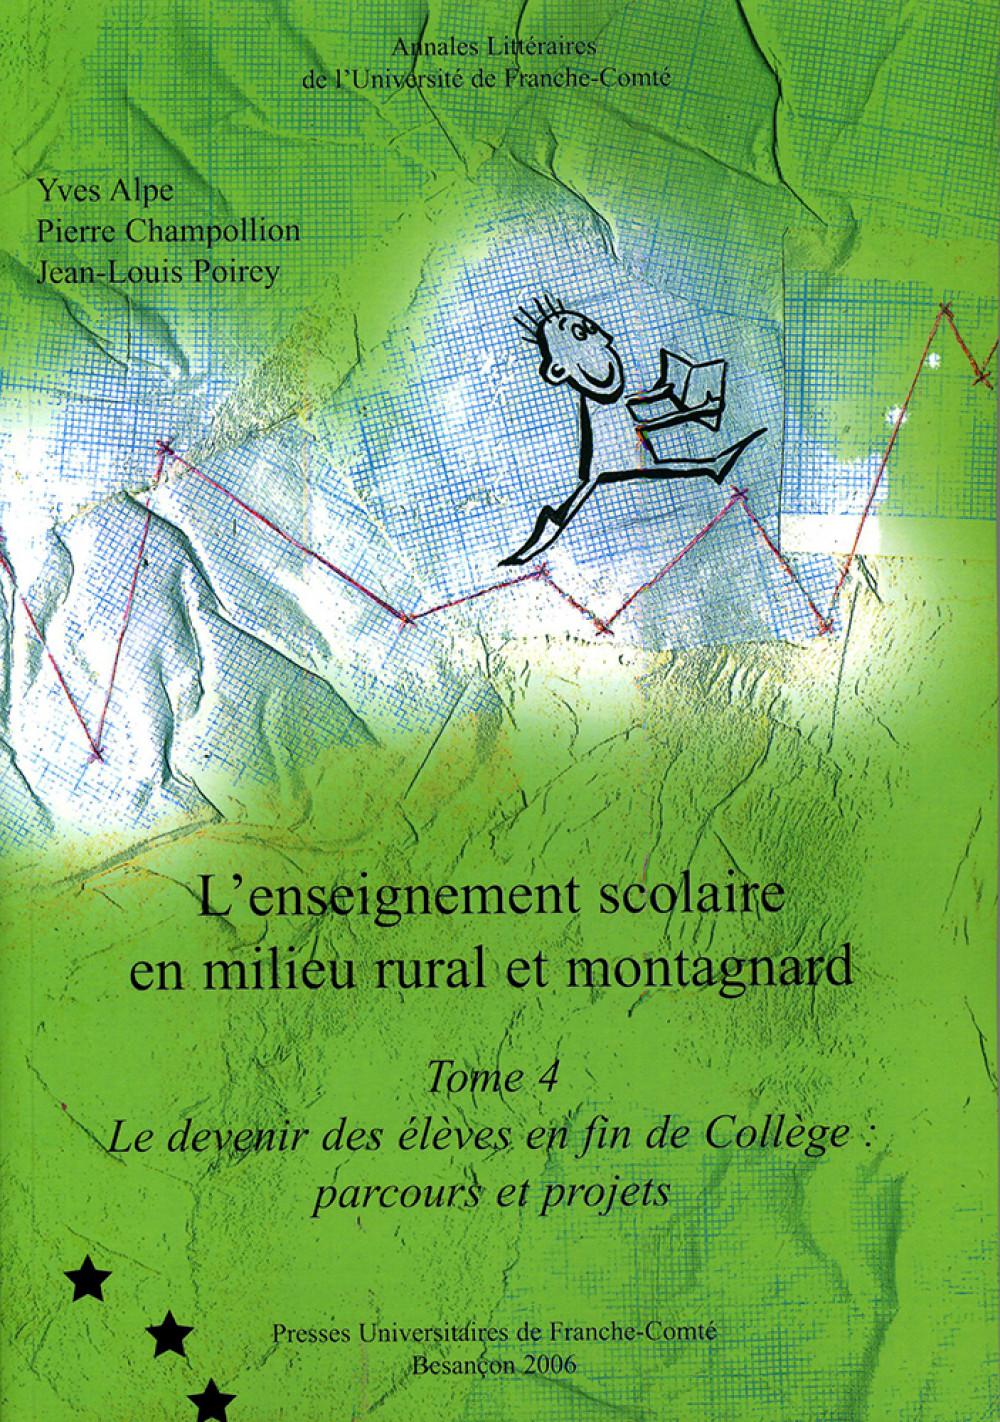 L'enseignement scolaire en milieu rural et montagnard - Tome 4